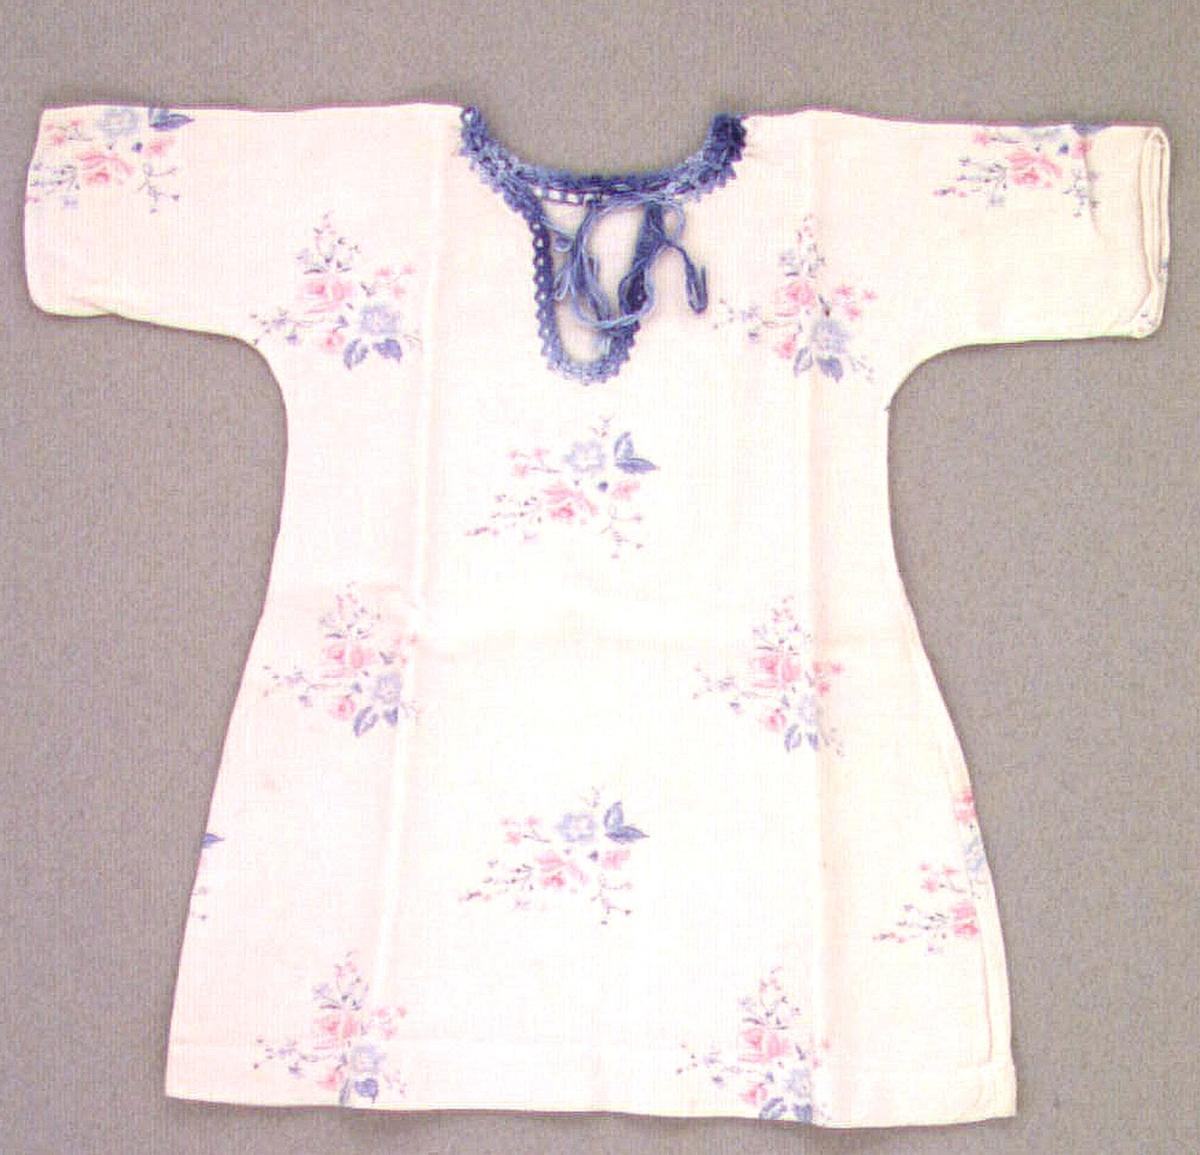 Docksärk av ljusrosa bomullstyg med tryckt blommotiv i rosa och blått. Rundhalsad med sprund, laskade kanter i blåmelerat bomullsgarn.